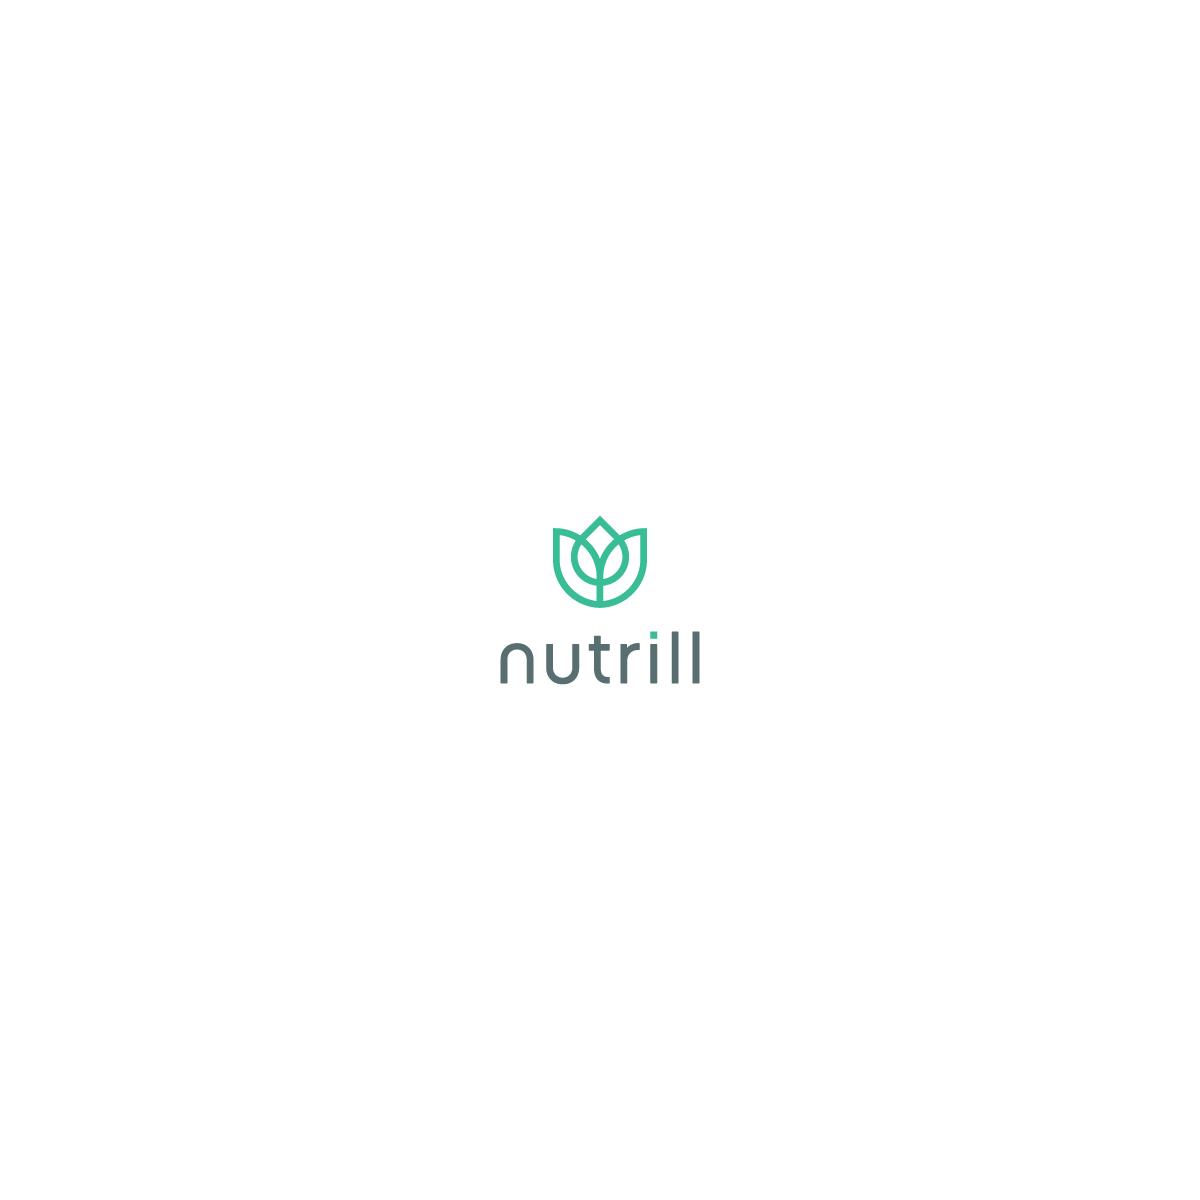 Nutrill logo